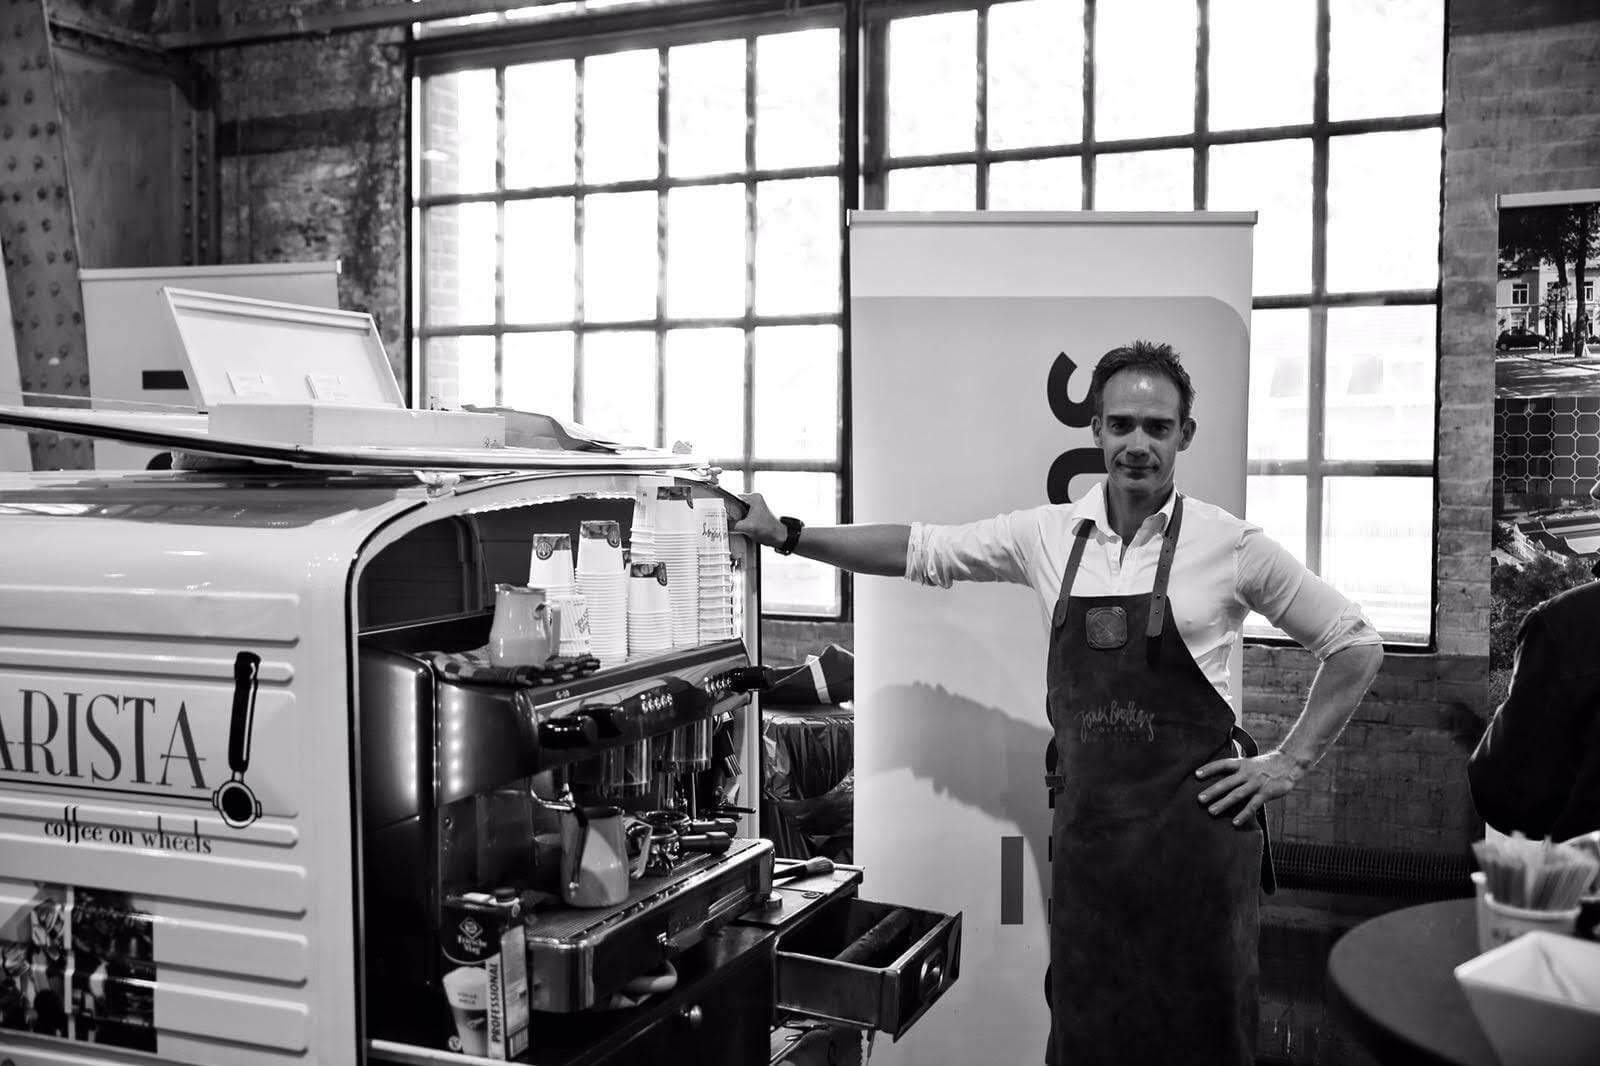 Coffee on Wheels Den Bosch: Brabantse Gastvrijheid in optima forma